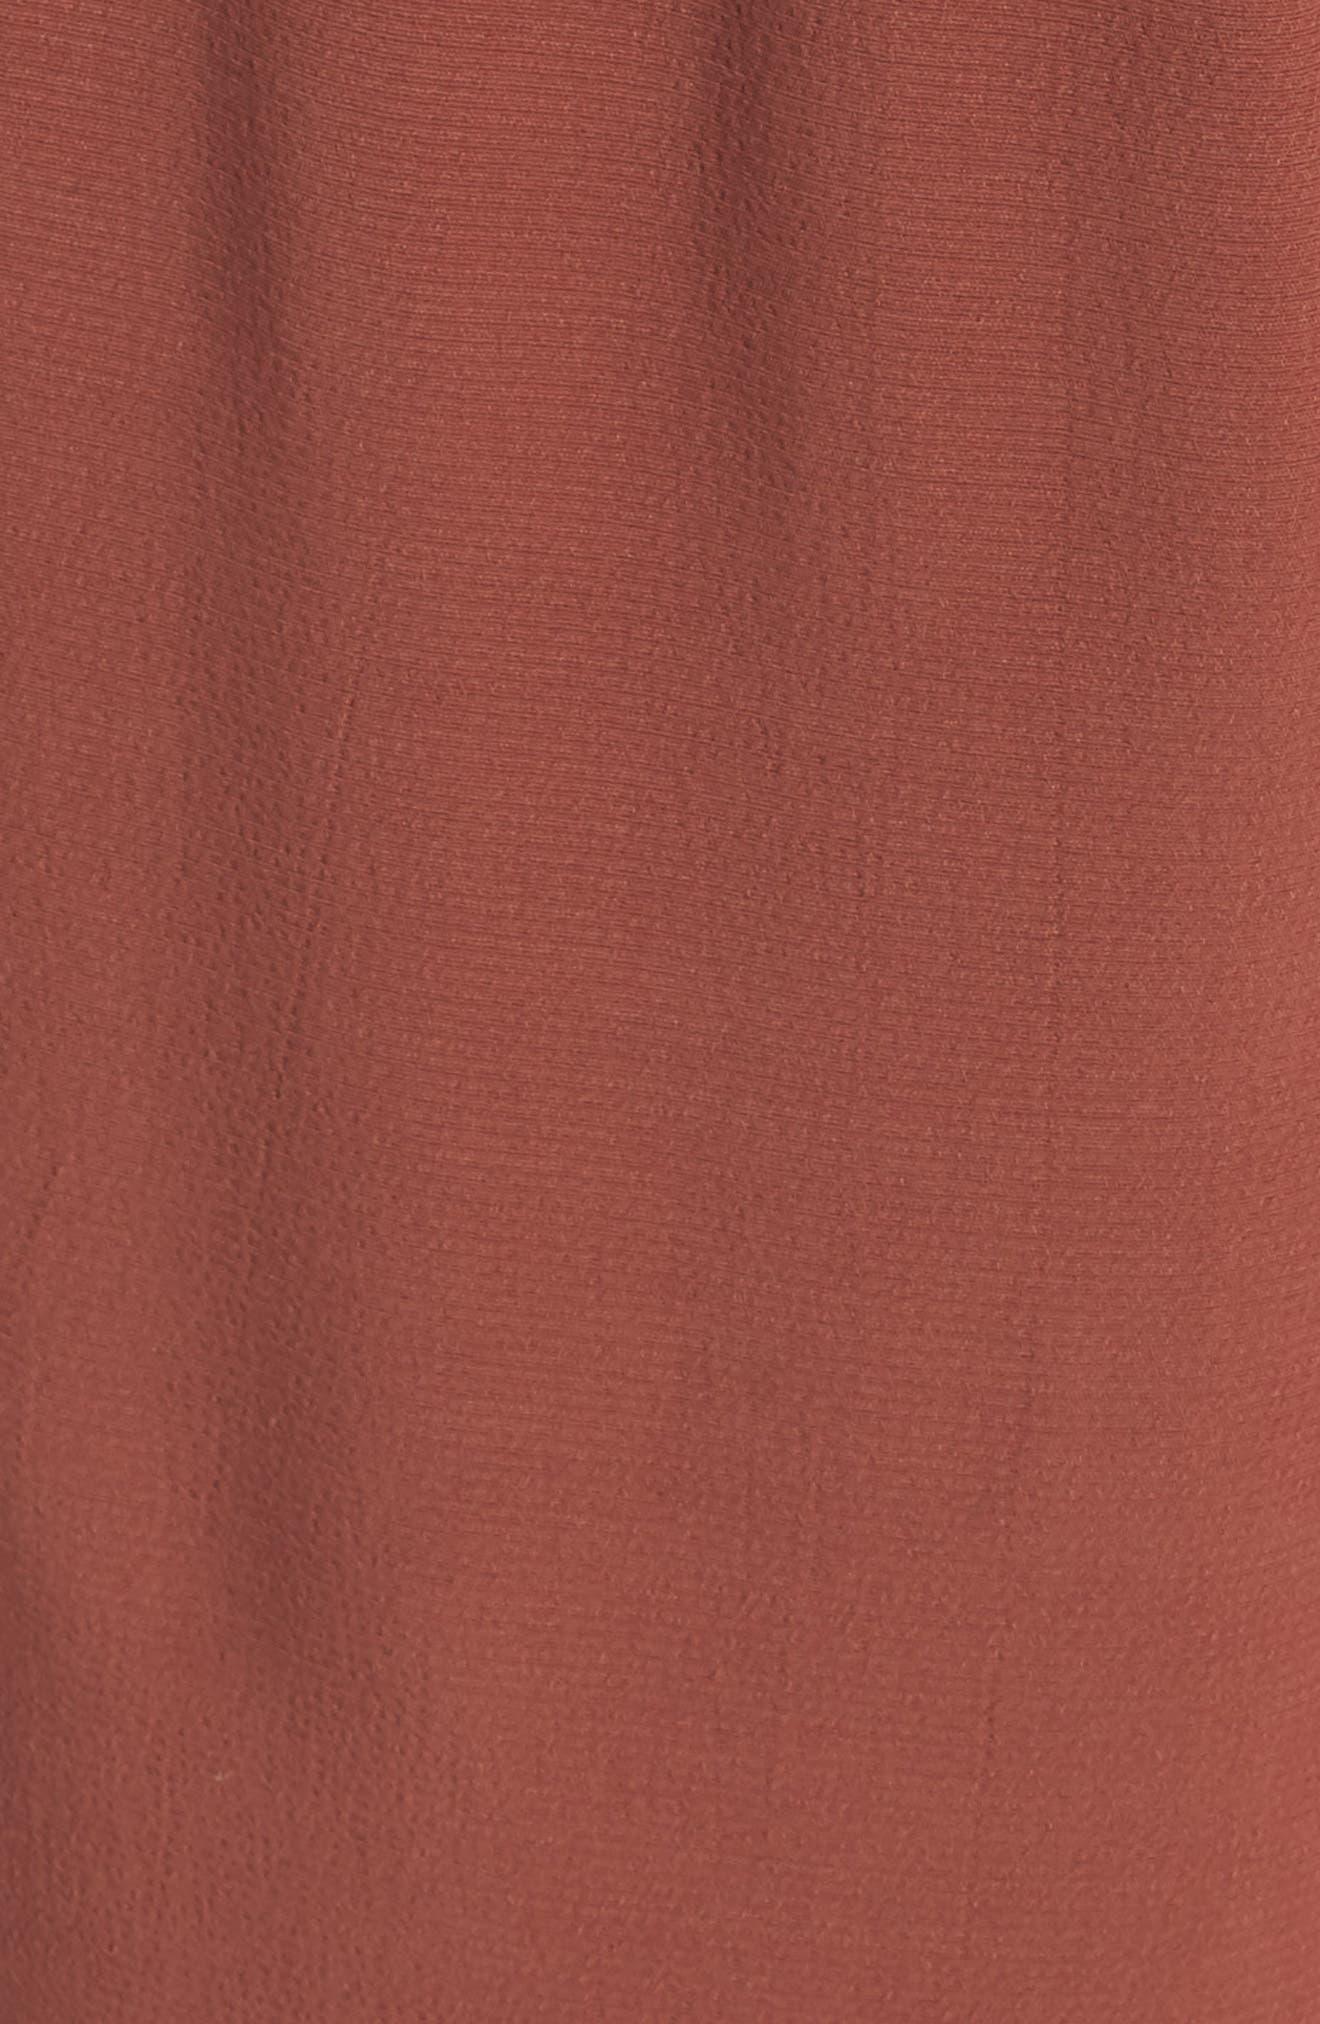 Wide Leg Crop Jumpsuit,                             Alternate thumbnail 5, color,                             Russet